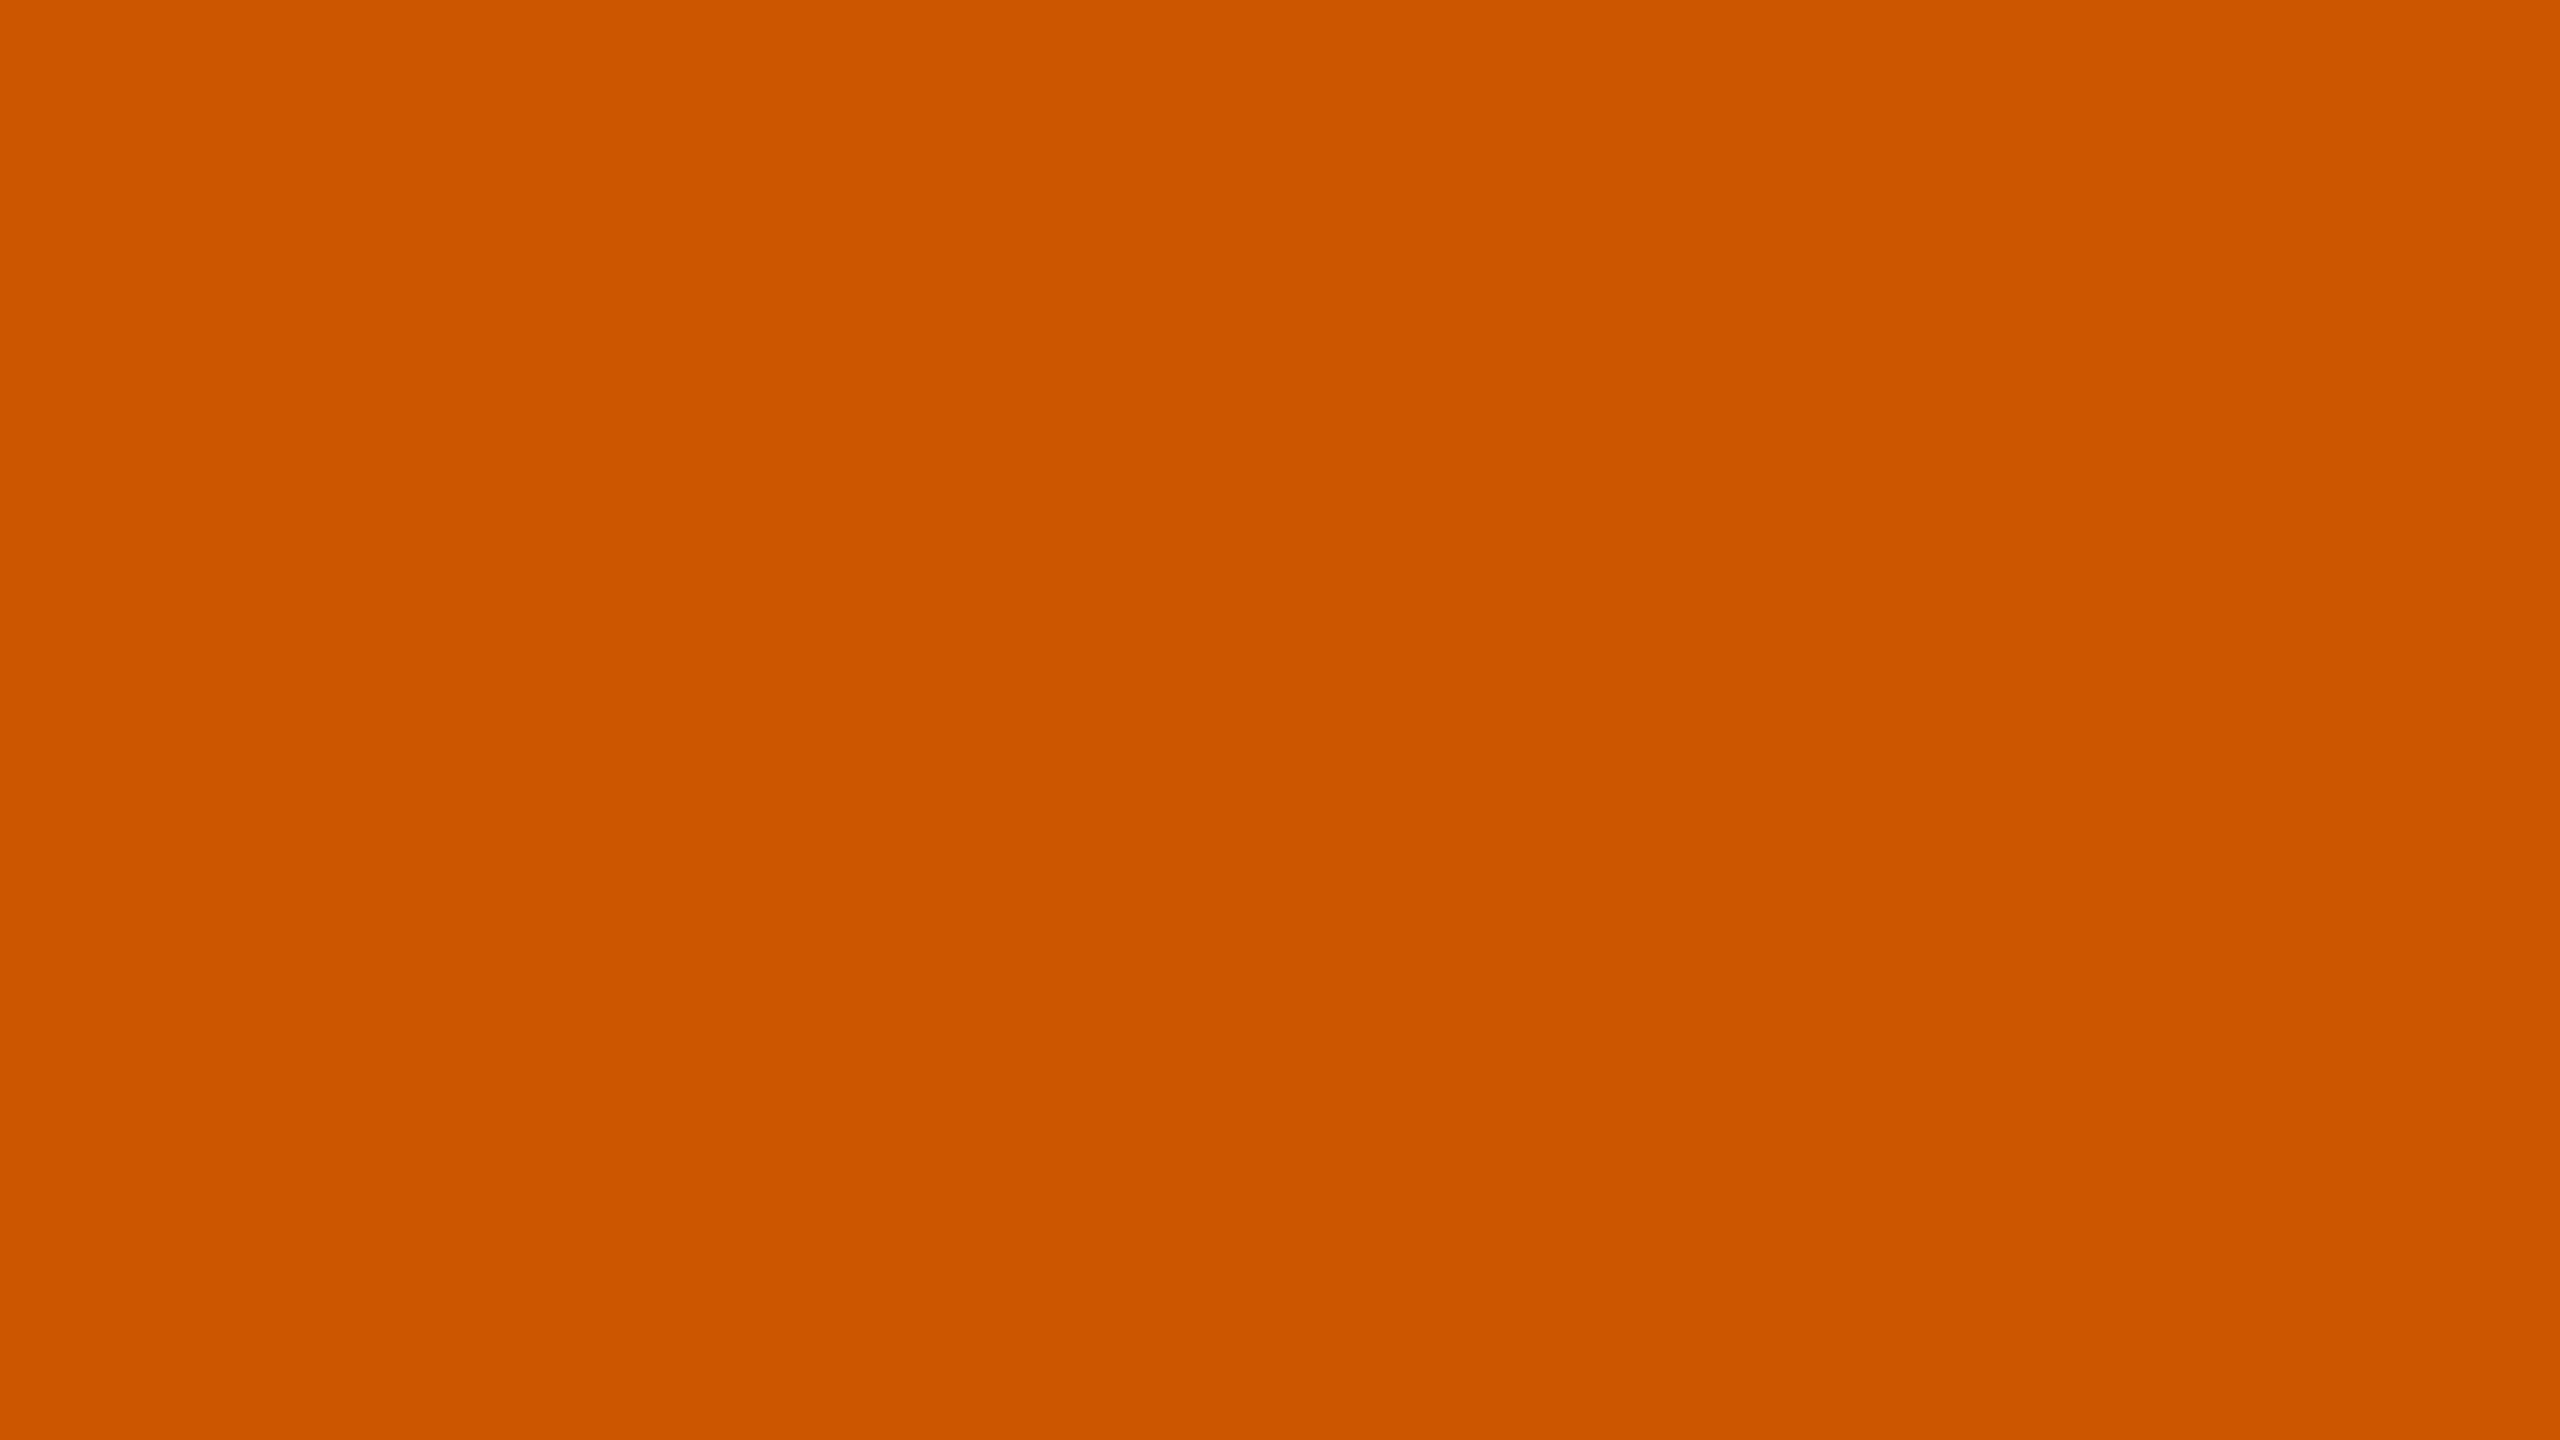 2560x1440 Burnt Orange Solid Color Background